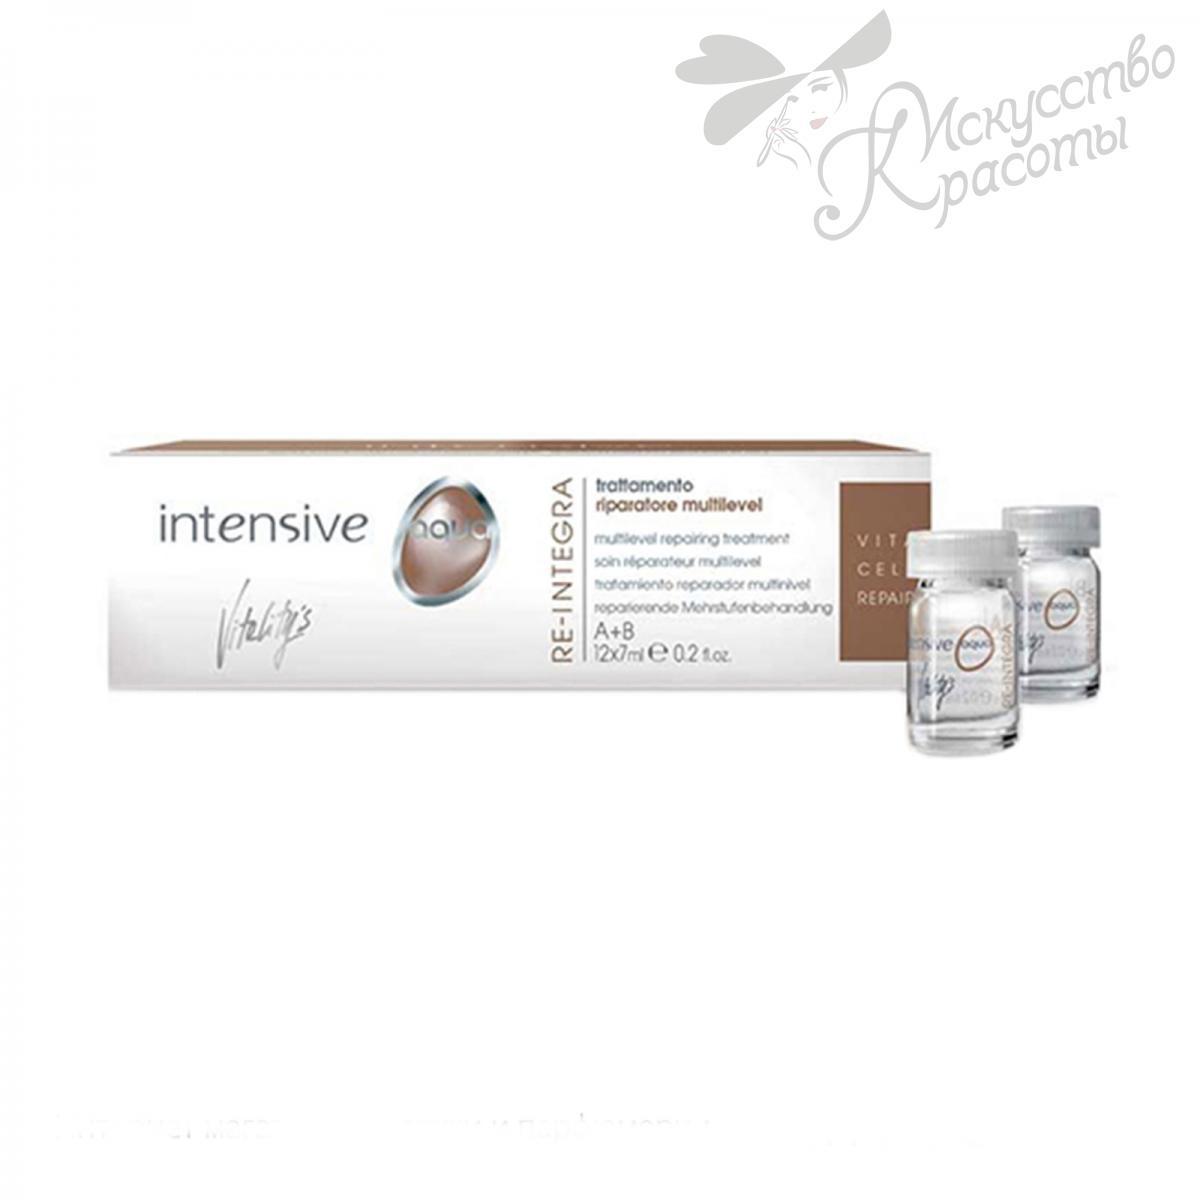 Мультиуровневая процедура восстановления Vitality's Aqua.Re integra,12*7мл